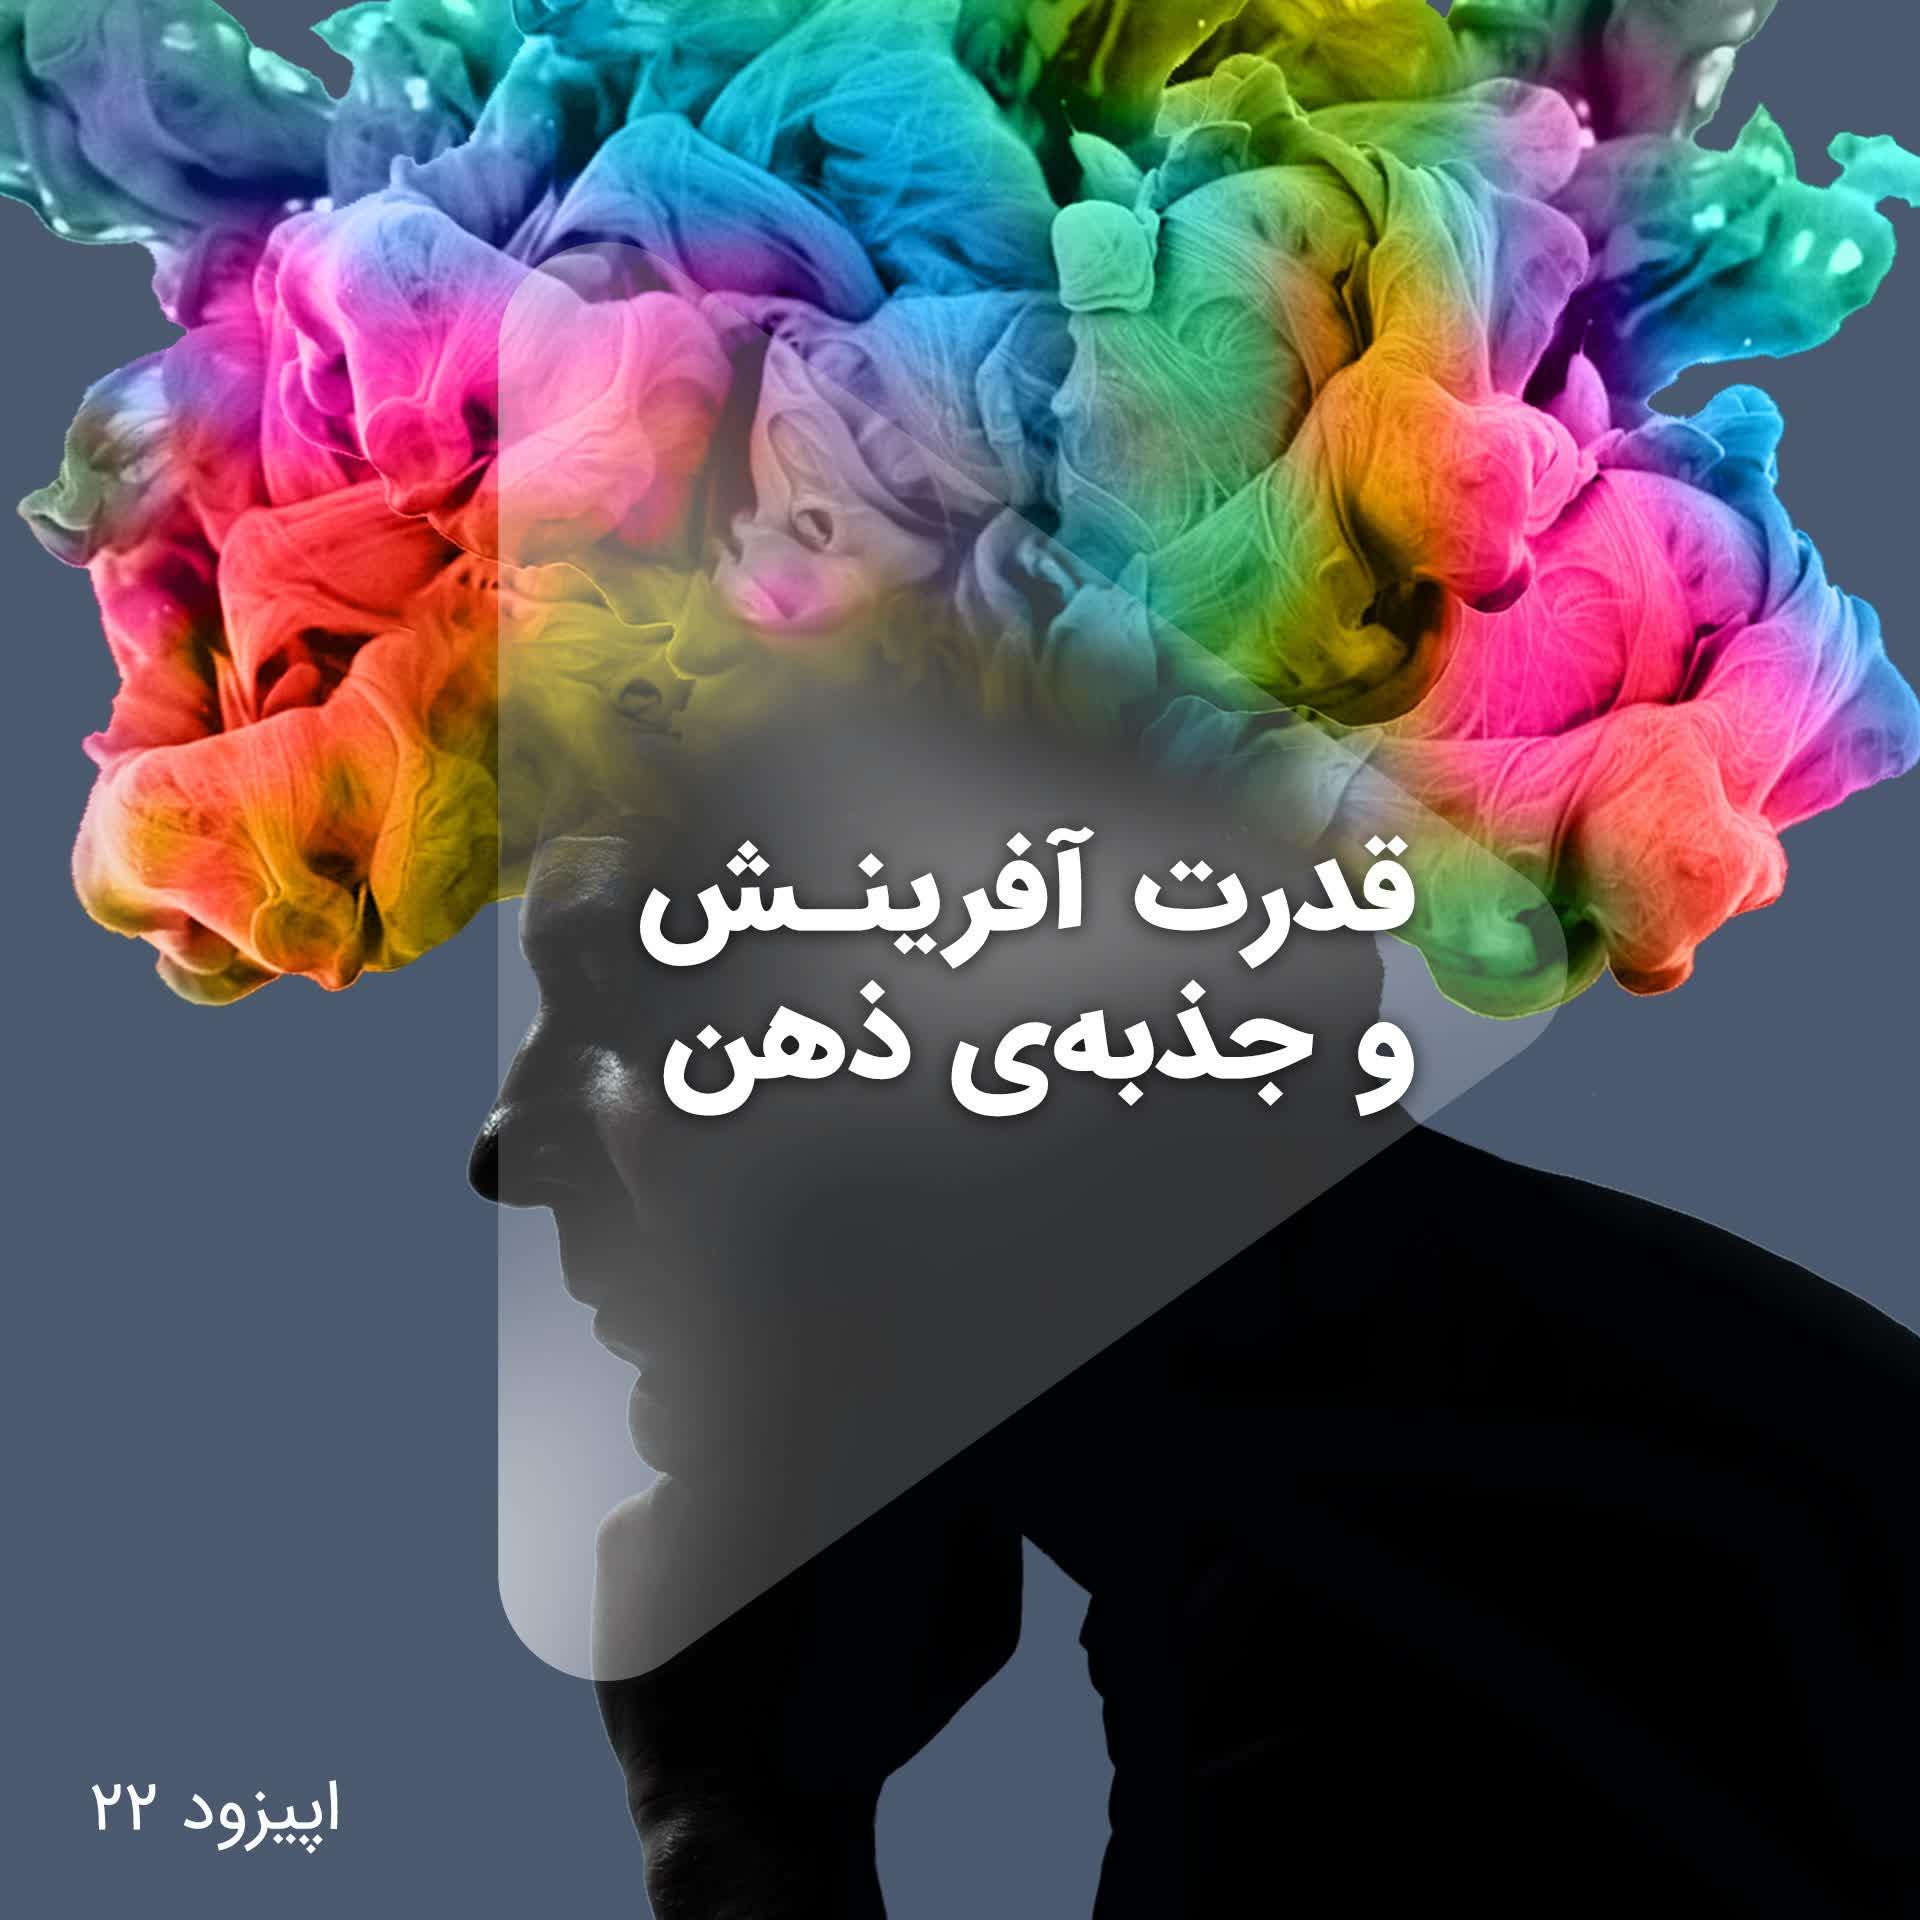 اپیزود بیست و دوم - قدرت آفرینش و جذبه ذهن